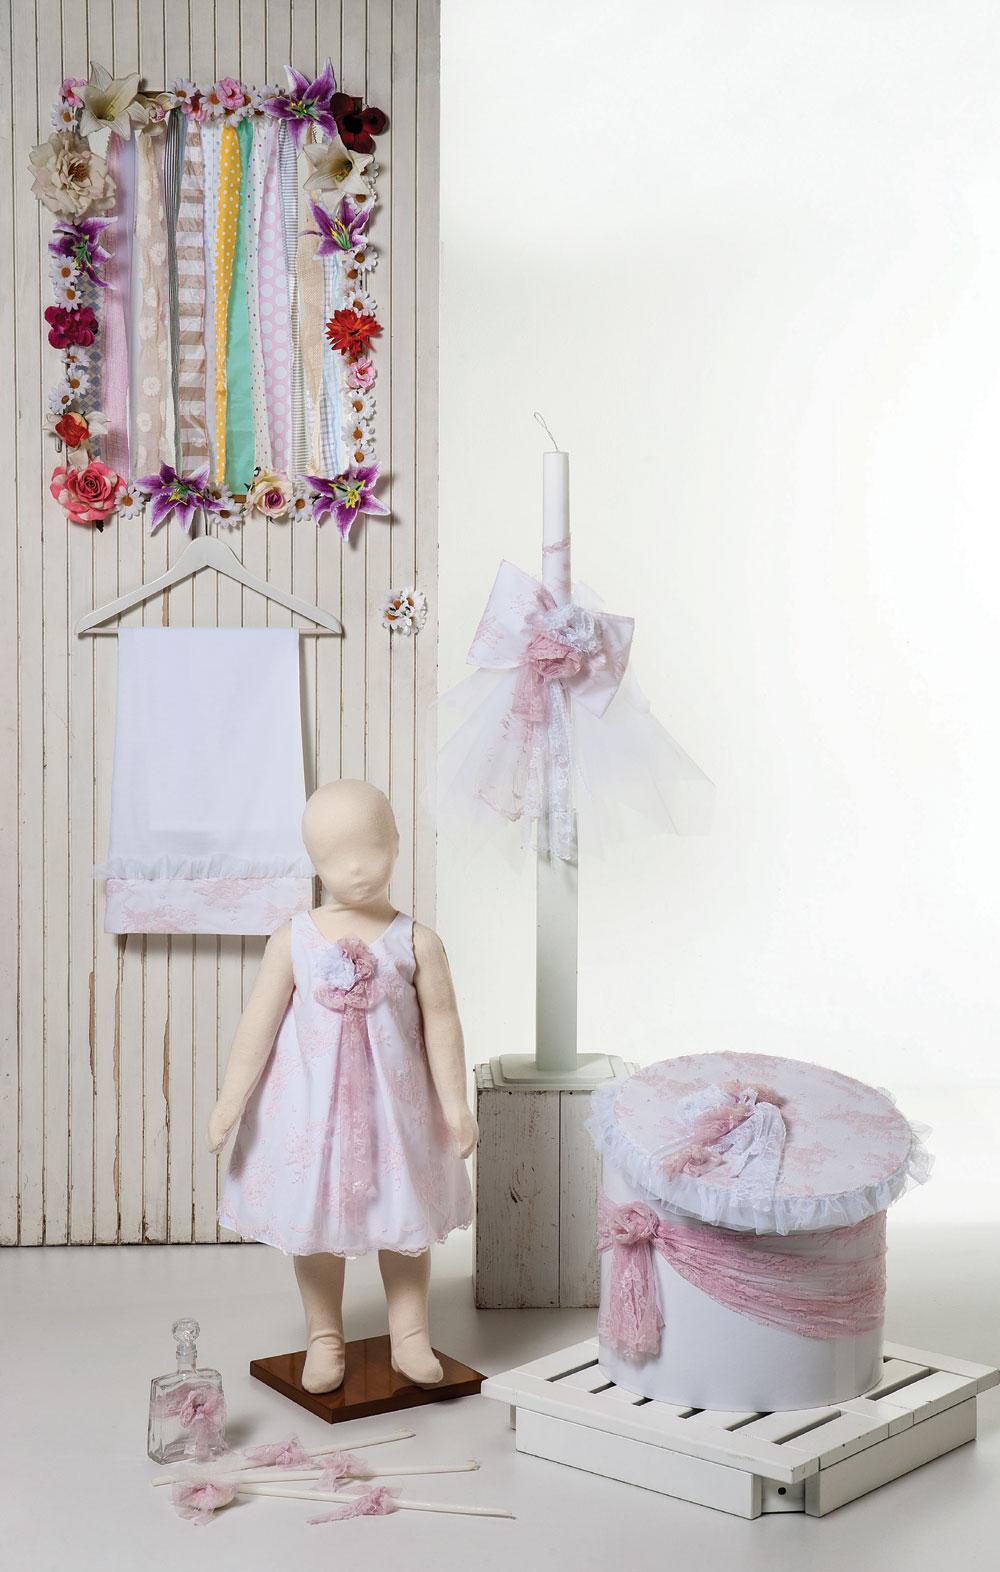 1423 - φόρεμα από ροζ και λευκή δαντέλα με χειροποίητα λουλούδια - διατίθεται και σε εκρού-ρόζ